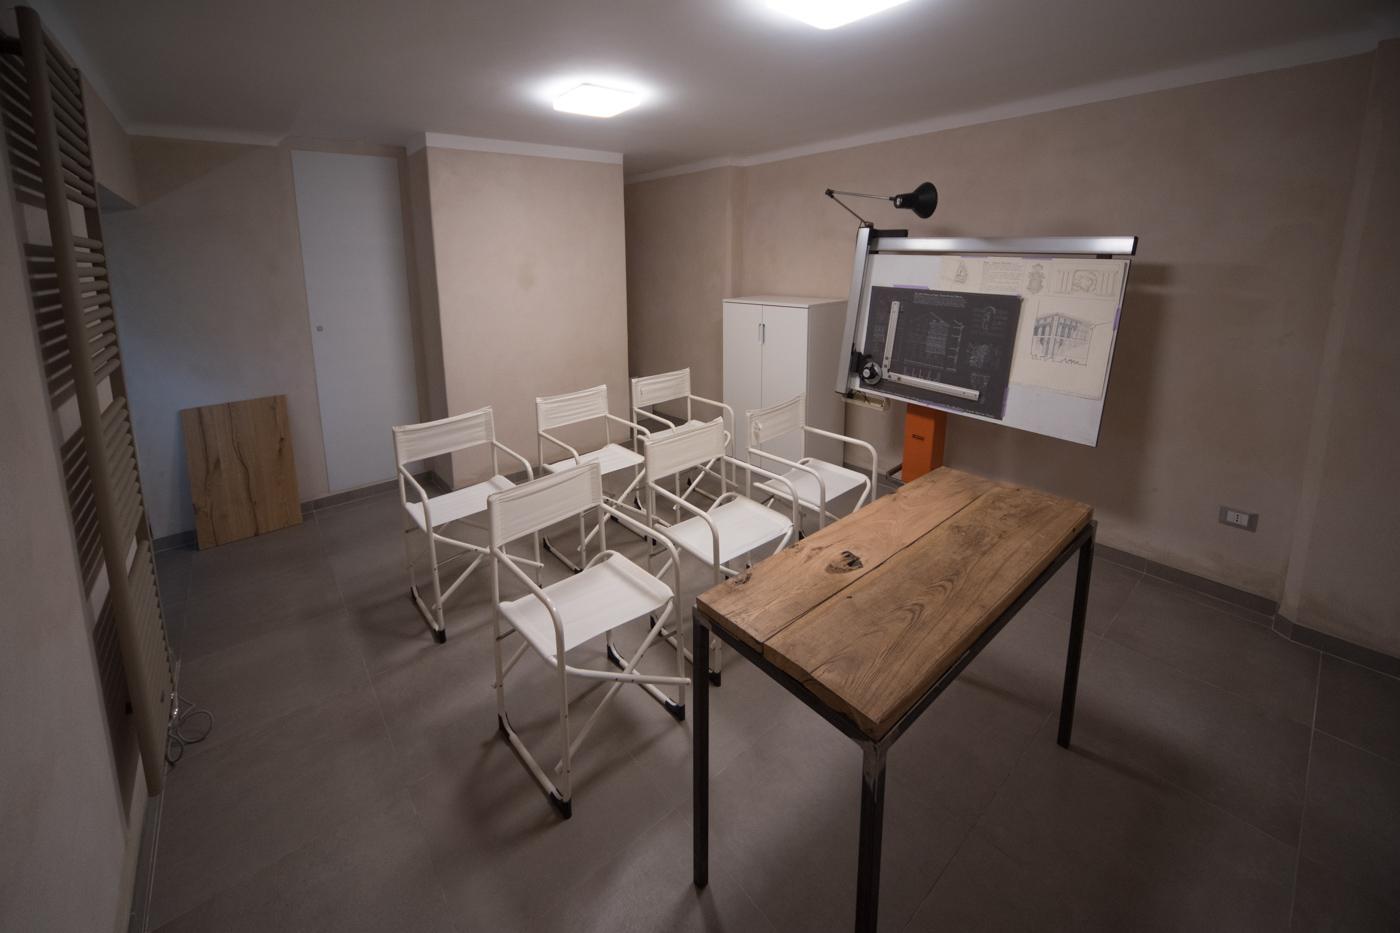 valentina solera, architetto, interior, ristrutturazione, genova, liguria, italy, interior5-12.jpg